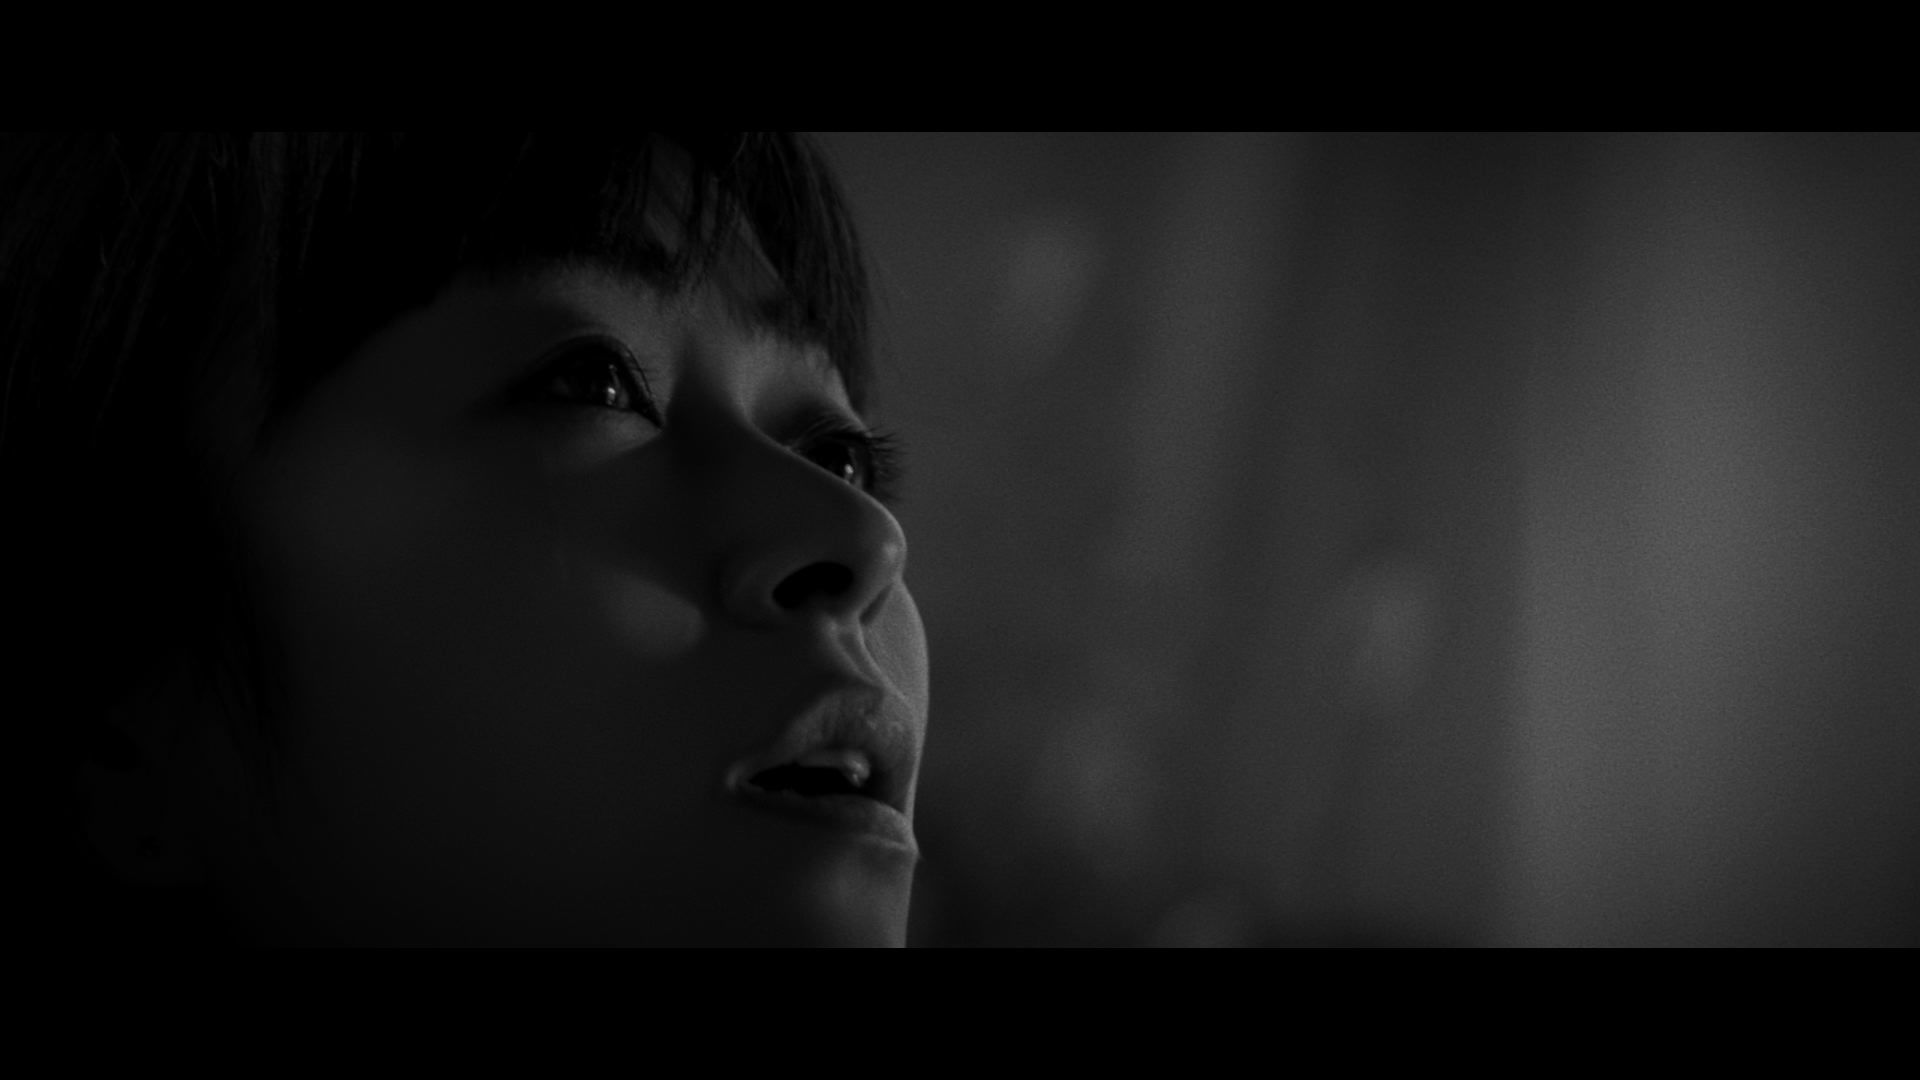 宇多田ヒカル「花束を君に」MVより